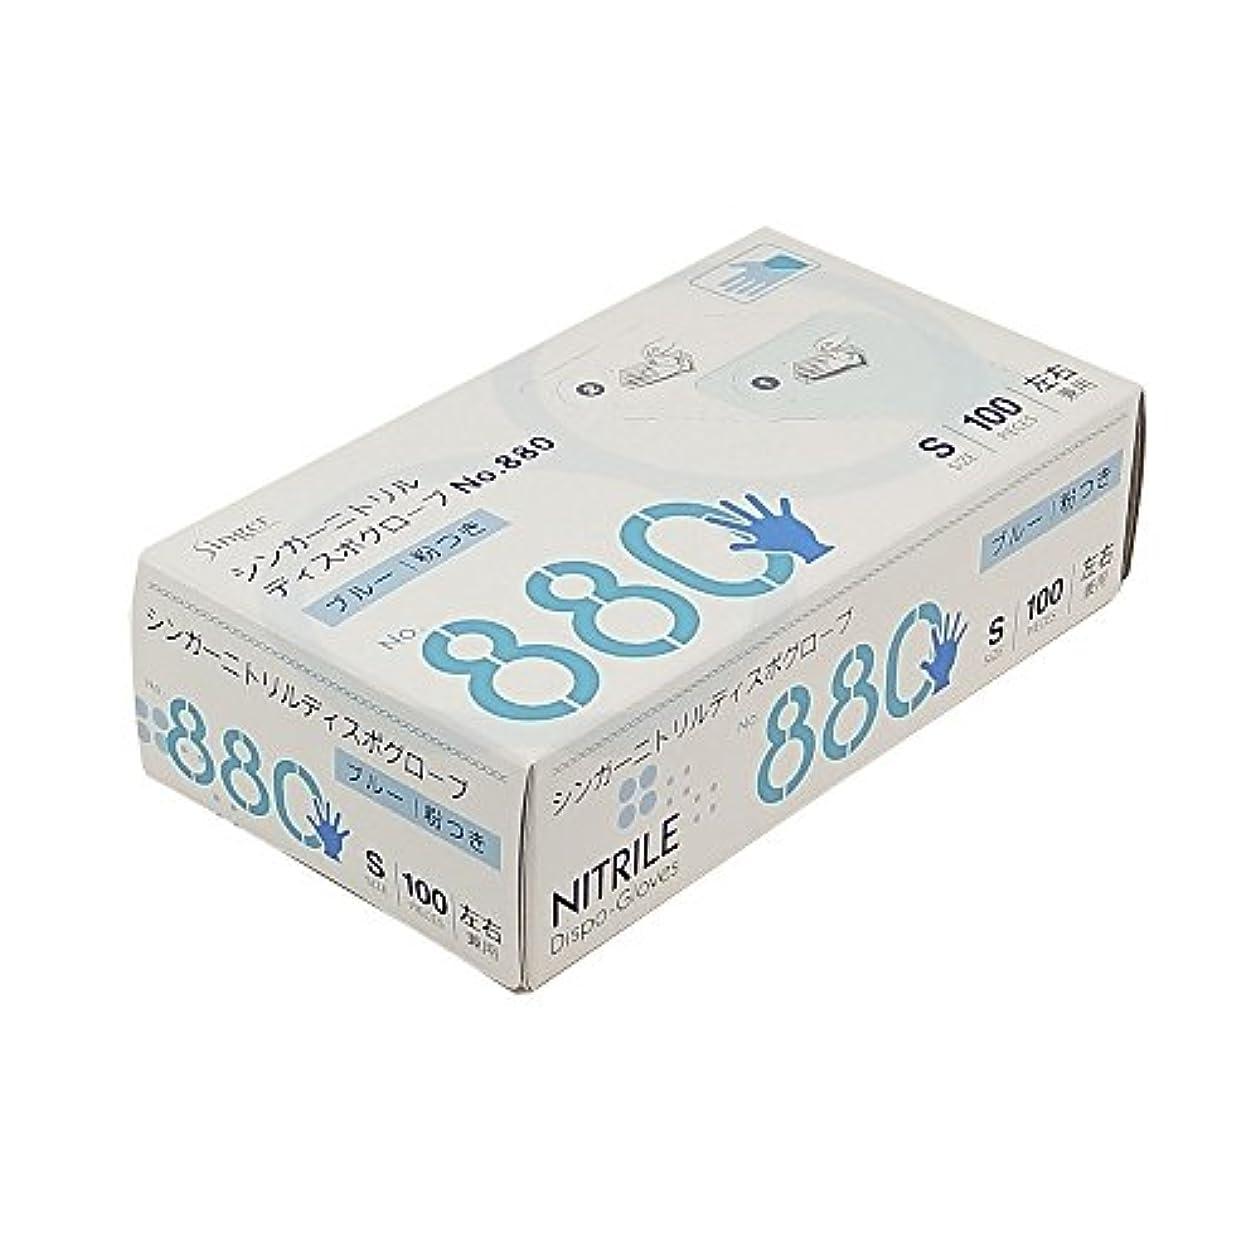 モジュールトランジスタ同じ宇都宮製作 ディスポ手袋 シンガーニトリルディスポグローブ No.880 ブルー 粉付 100枚入  S